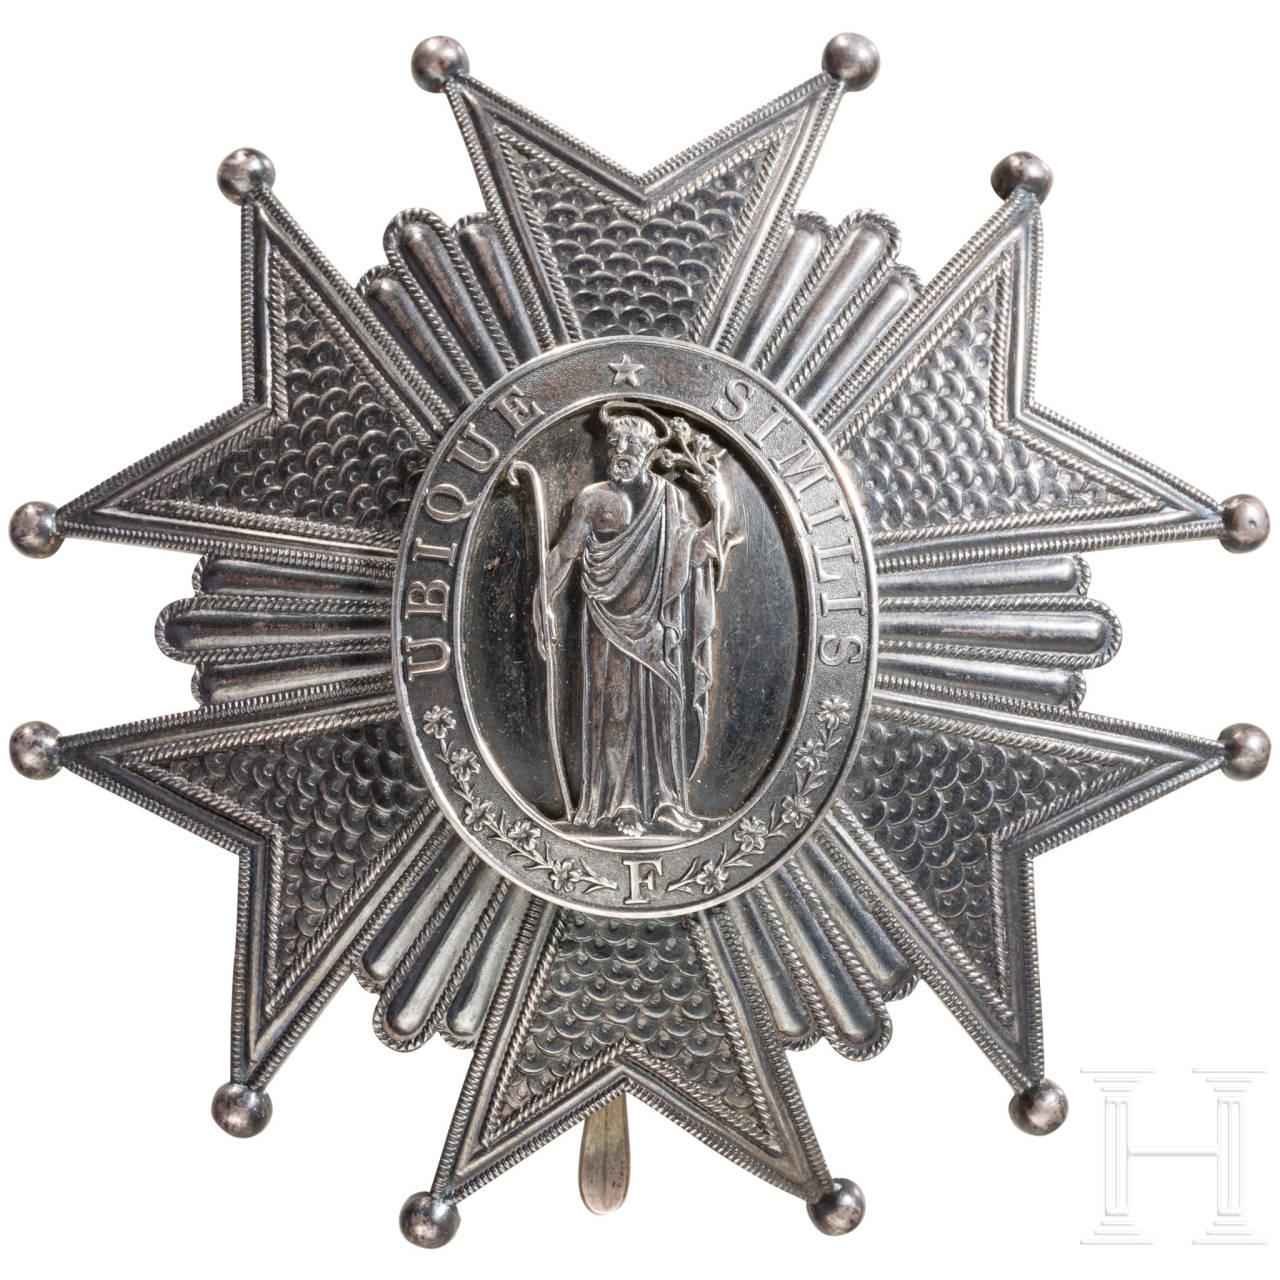 Verdienstorden vom Hl. Joseph, Toskana, Bruststern zum Großkreuz, frz. Fertigung von Lemaitre, Paris